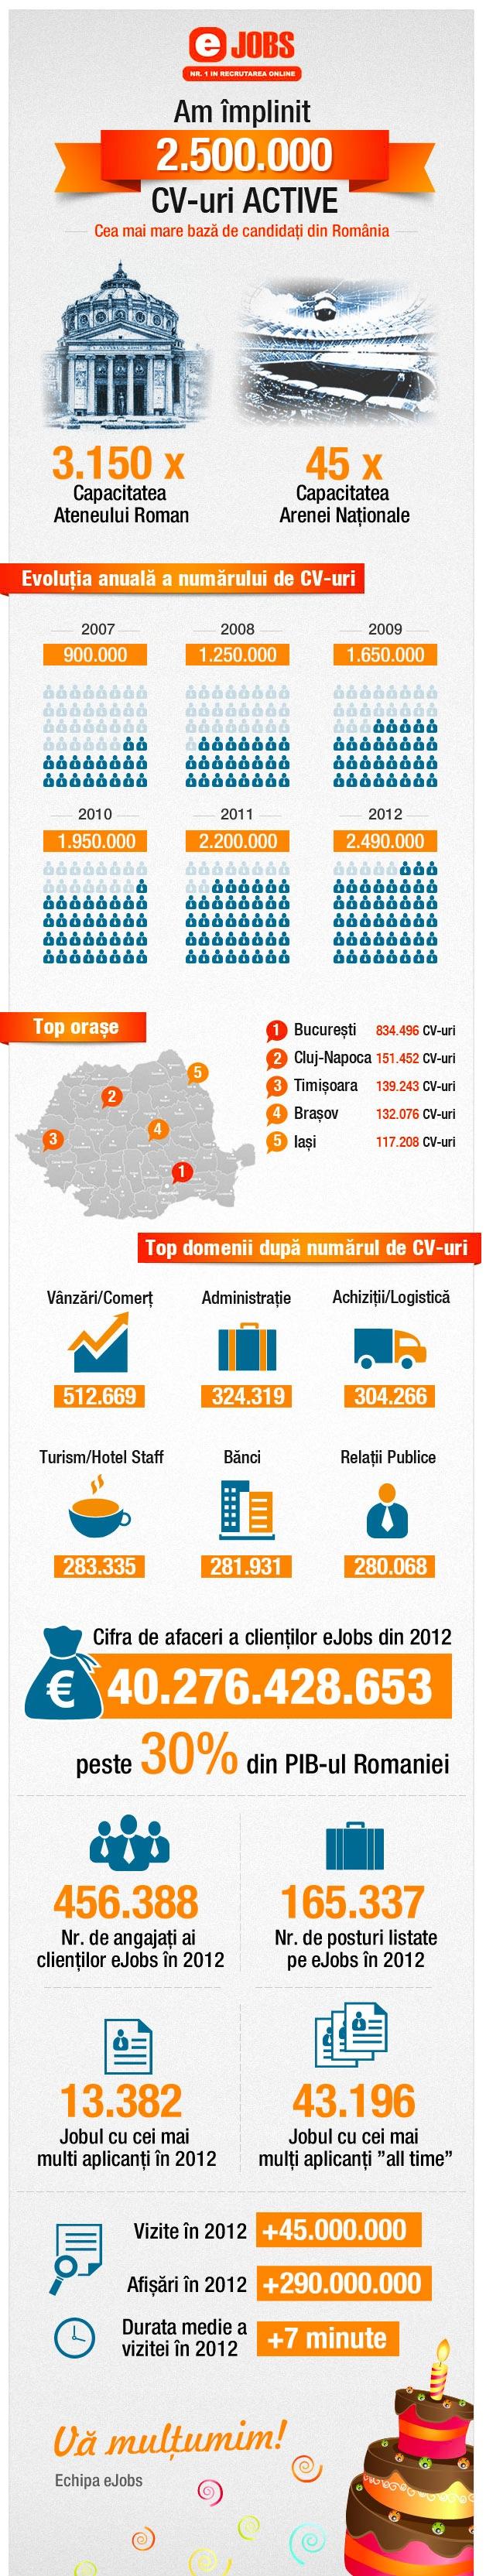 eJobs - Portalul de joburi Nr. 1 din Romania